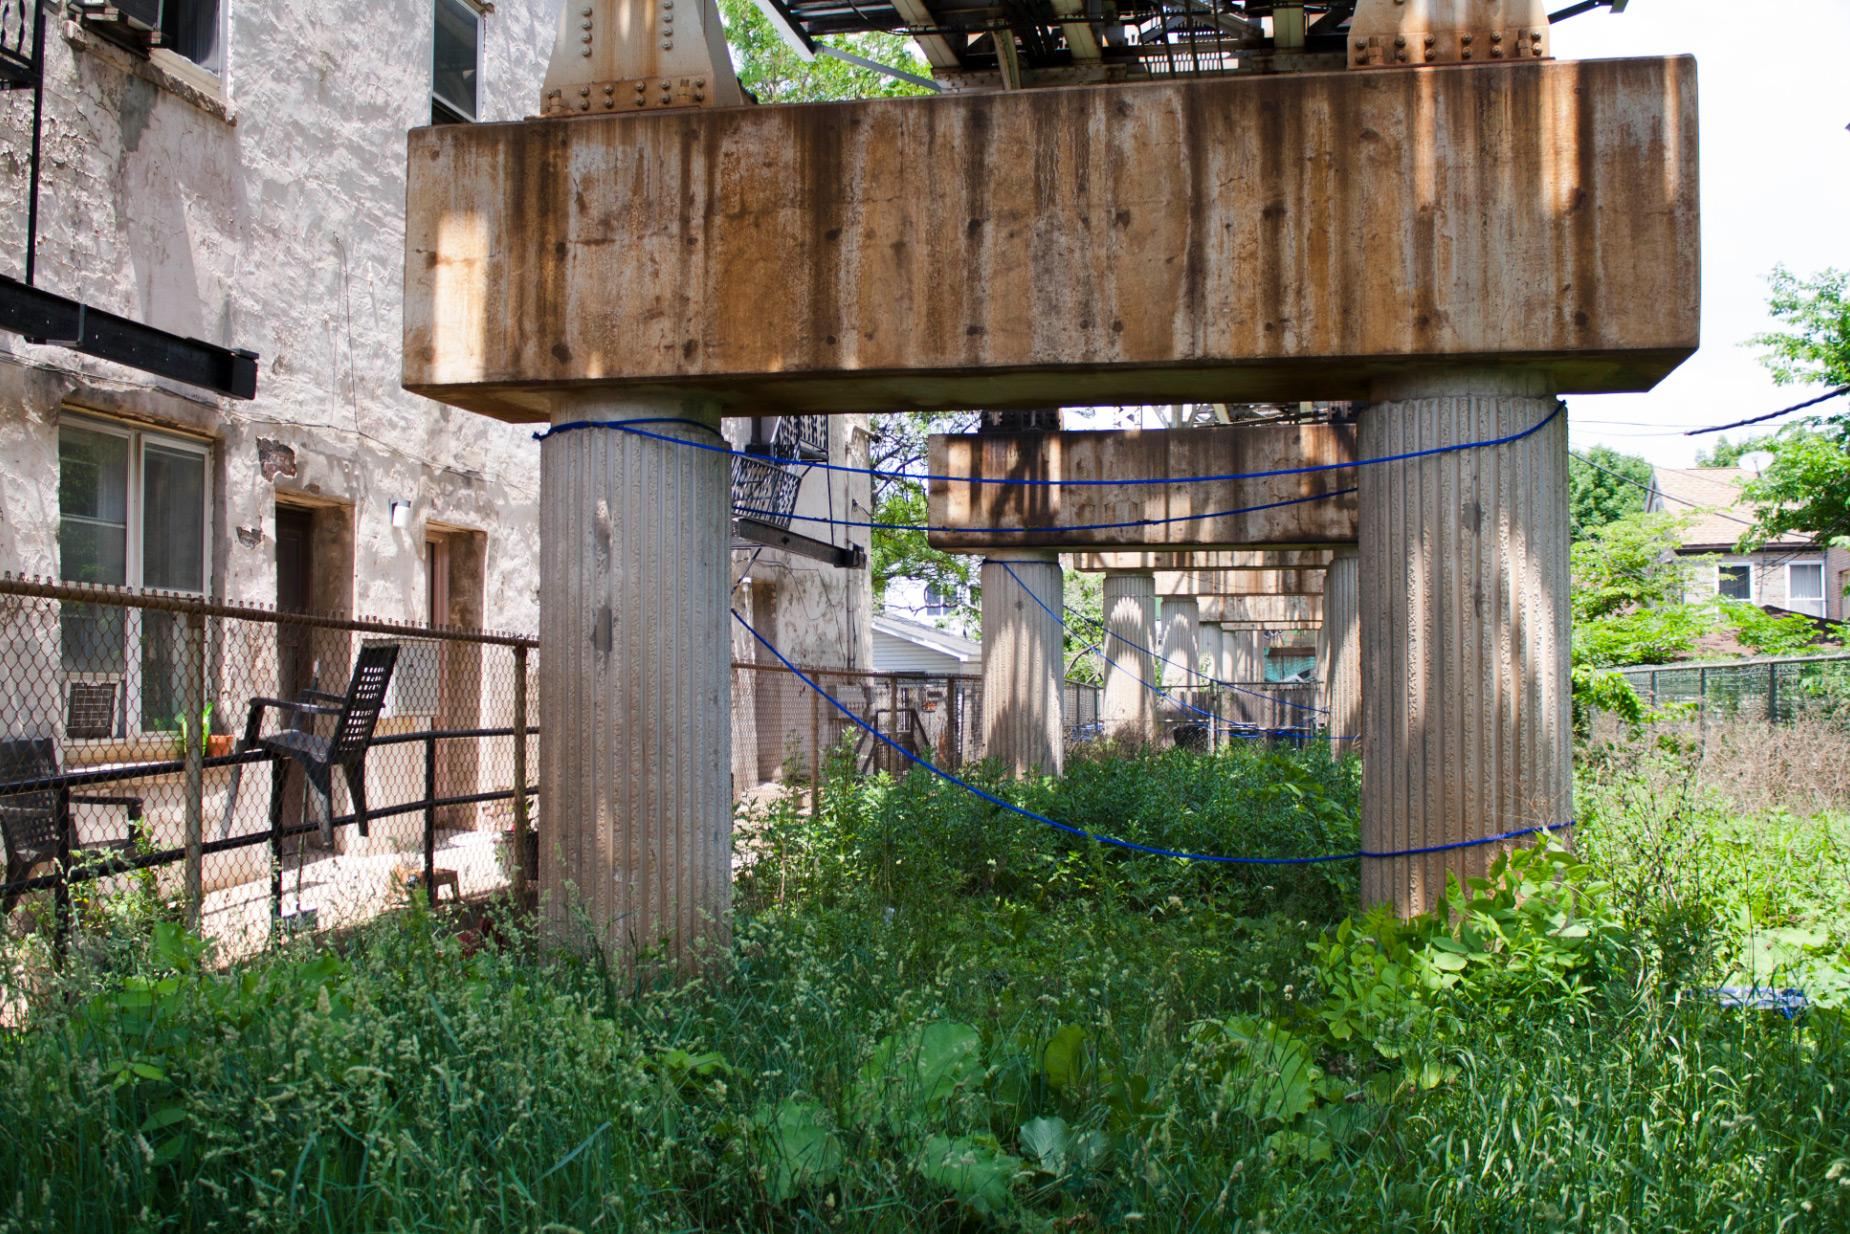 Jacqueline-Surdell-Artist-Installation-Urban-Contours-02.jpg